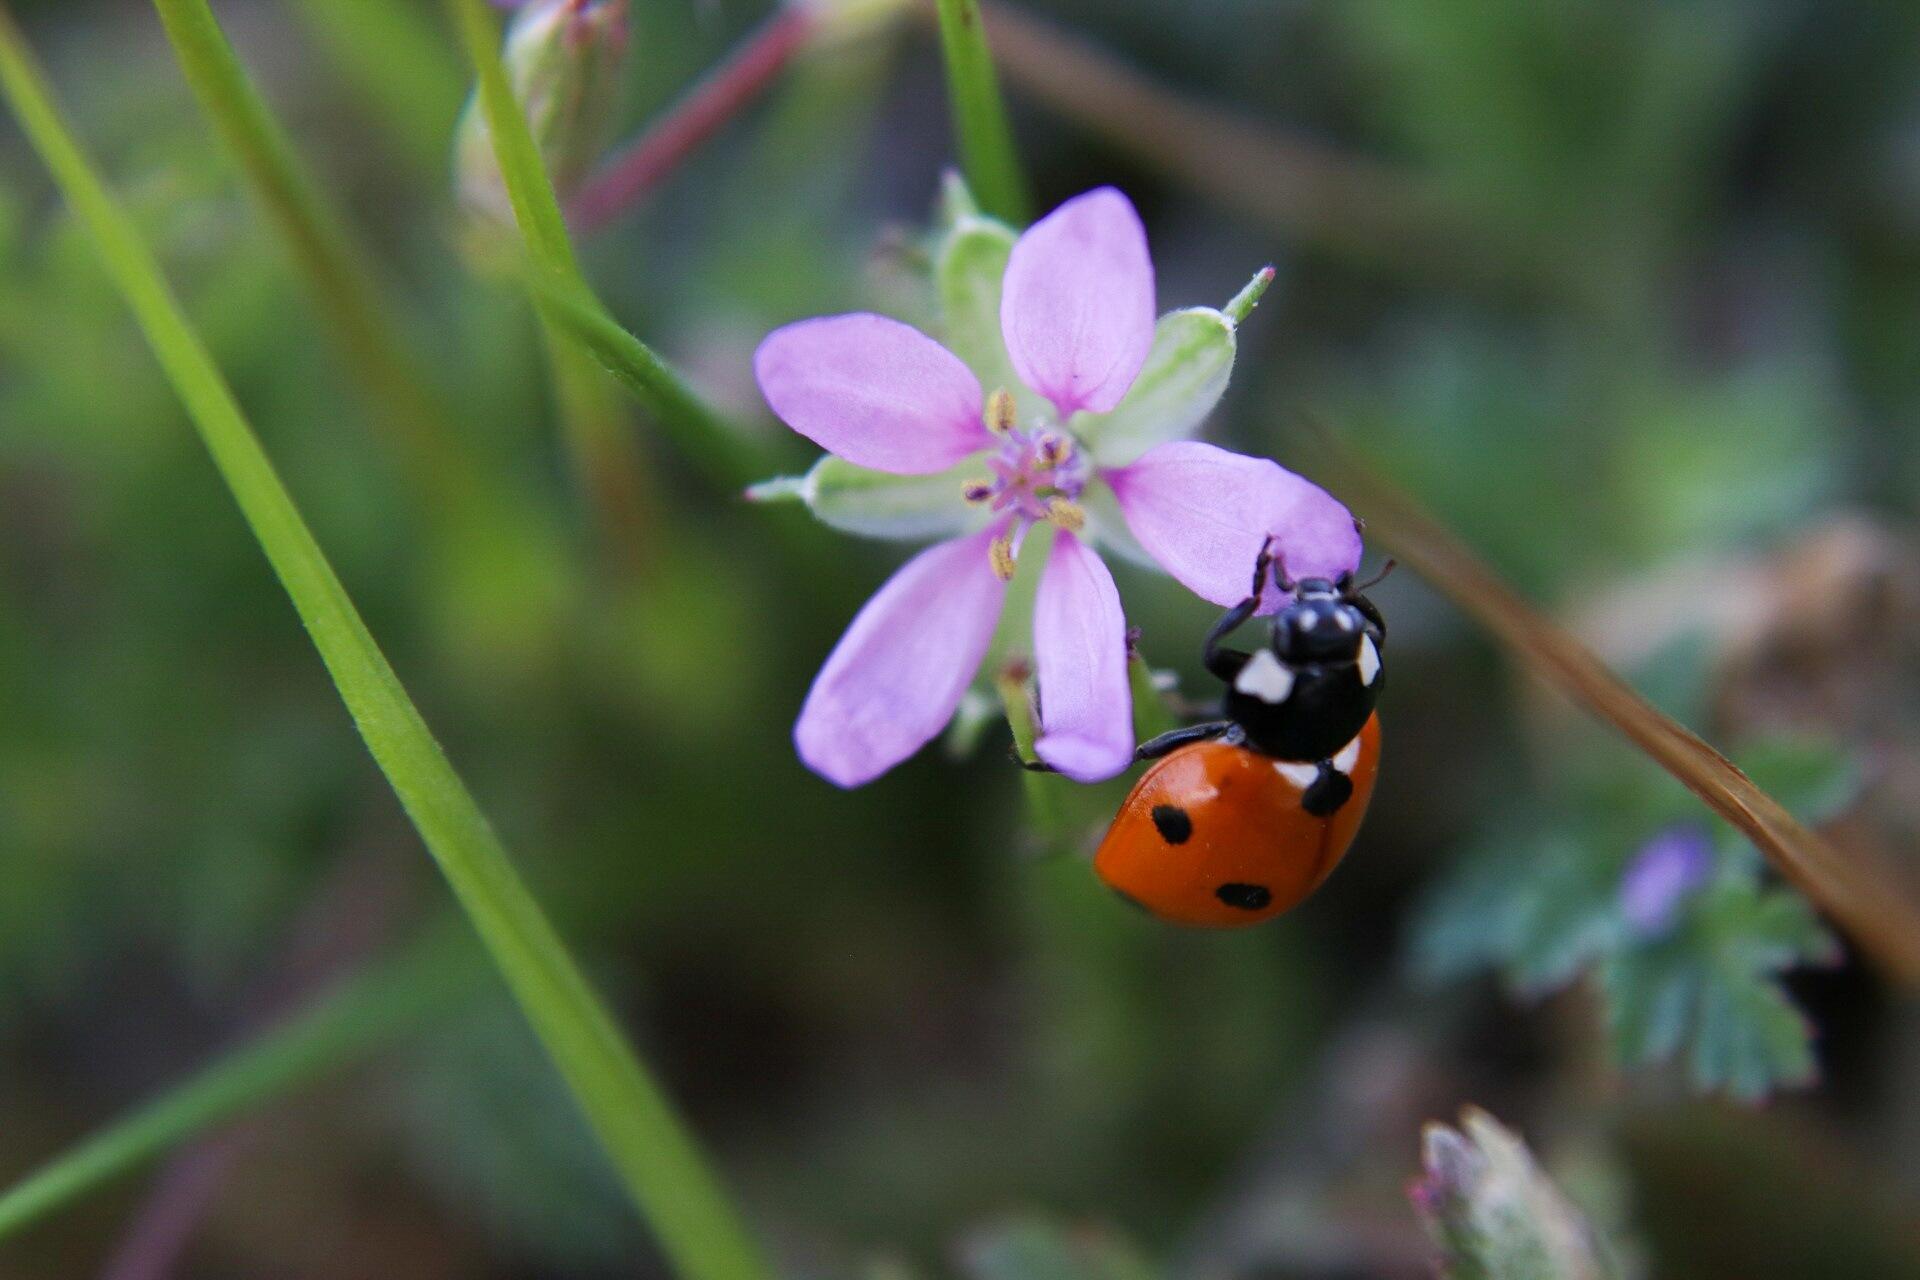 Ladybug 1 by Kitten Cabada Photography